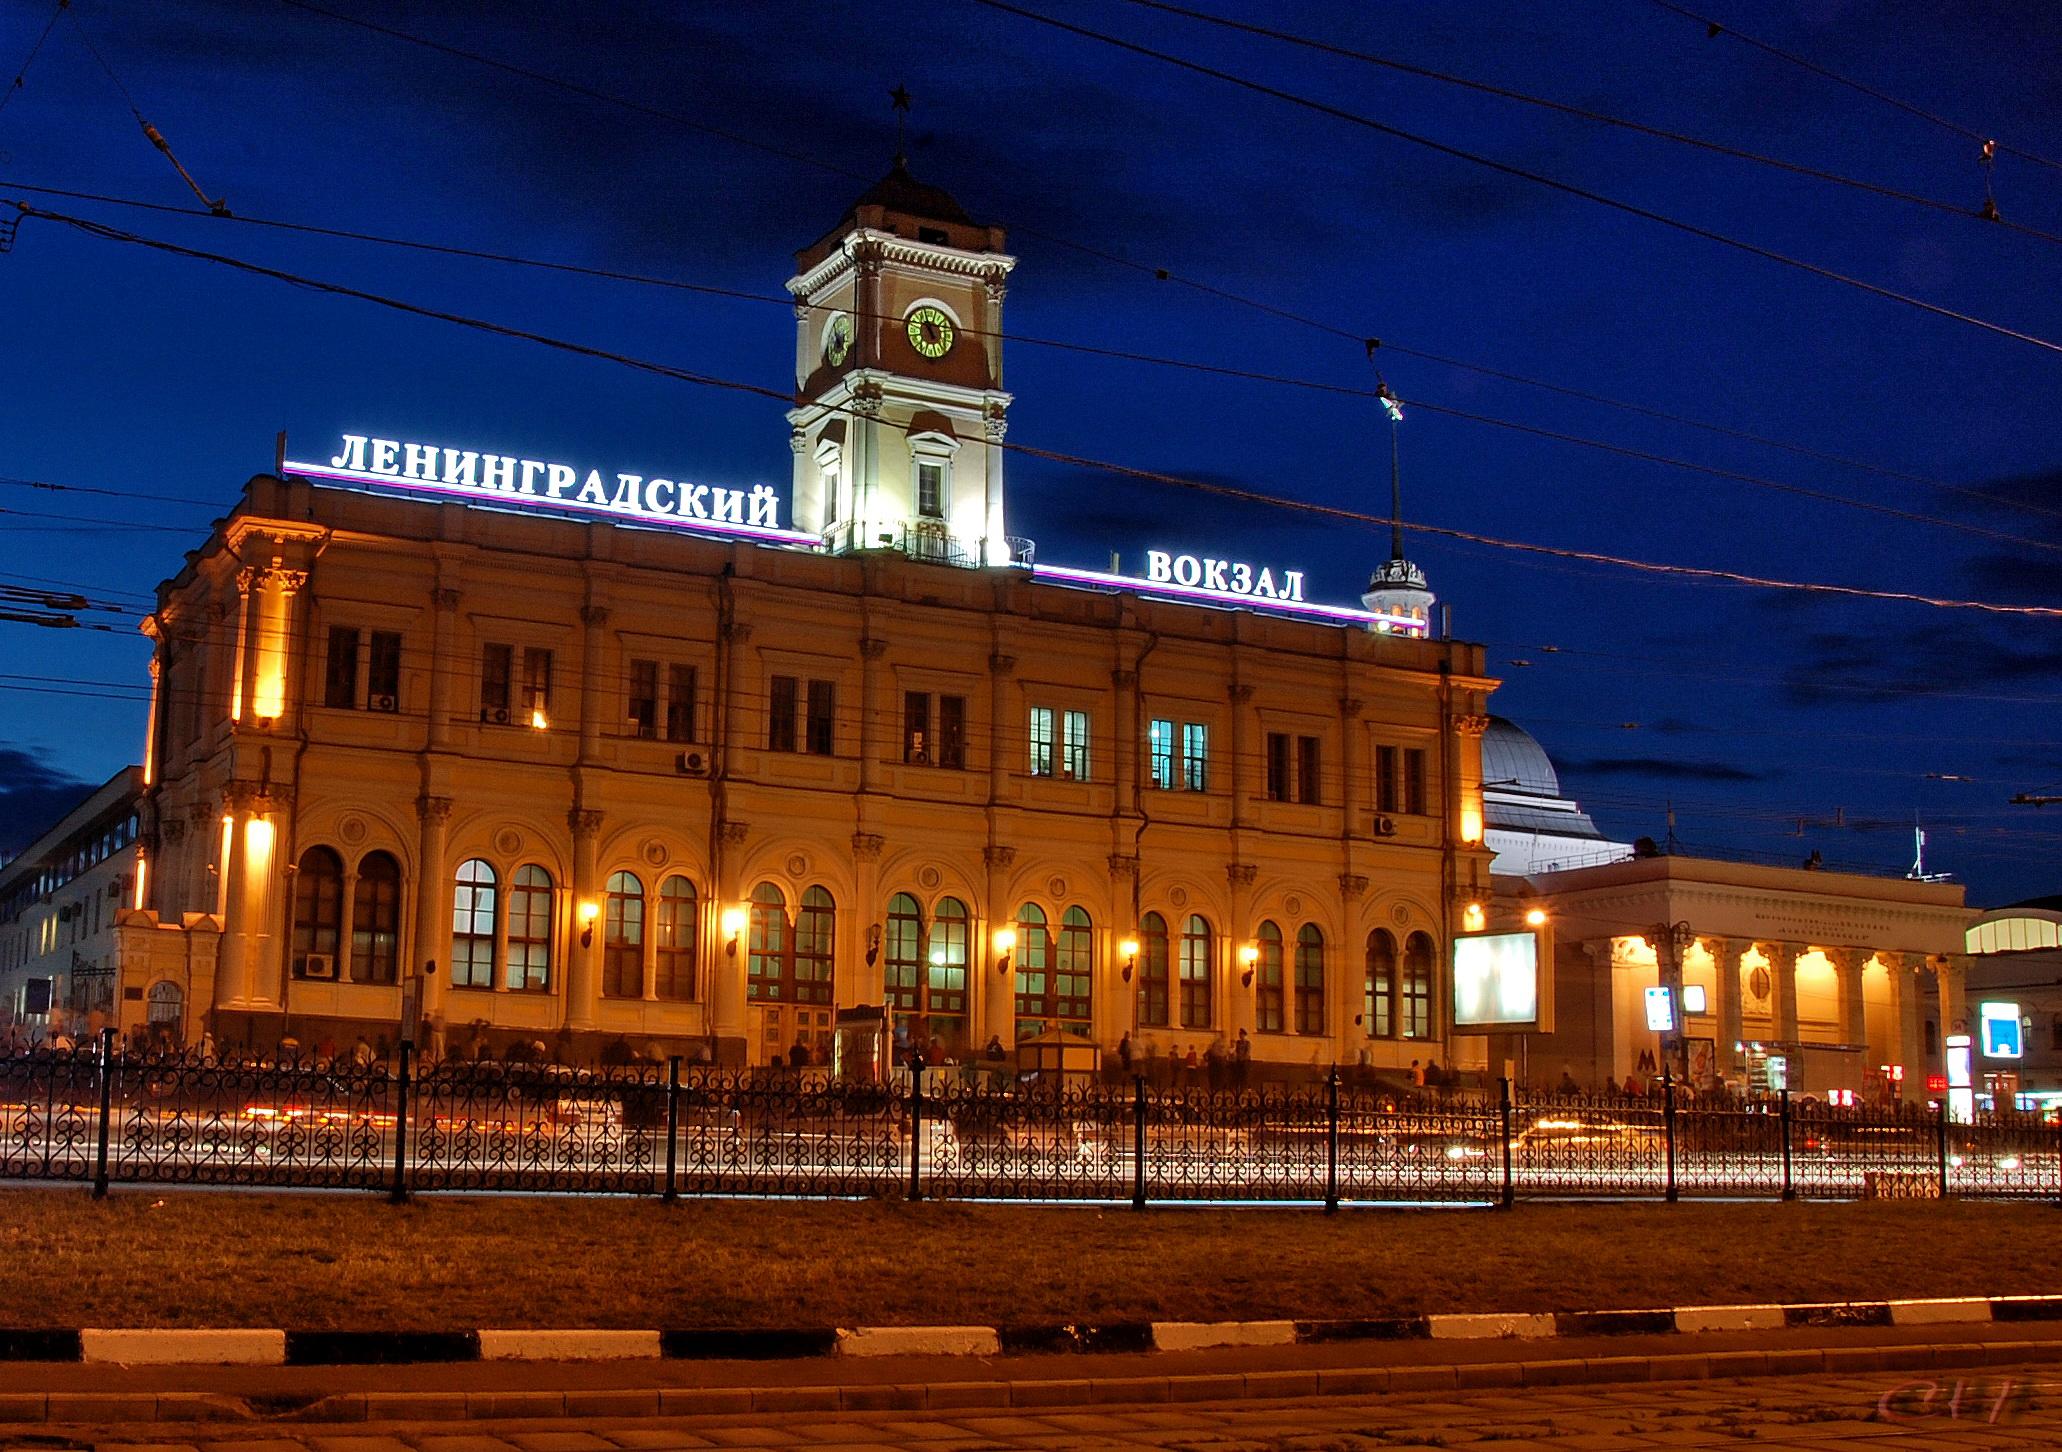 При заказе такси Белорусский вокзал Химки, к данному тарифу прибавляется 100 рублей.  Заказывая такси, не забывайте...